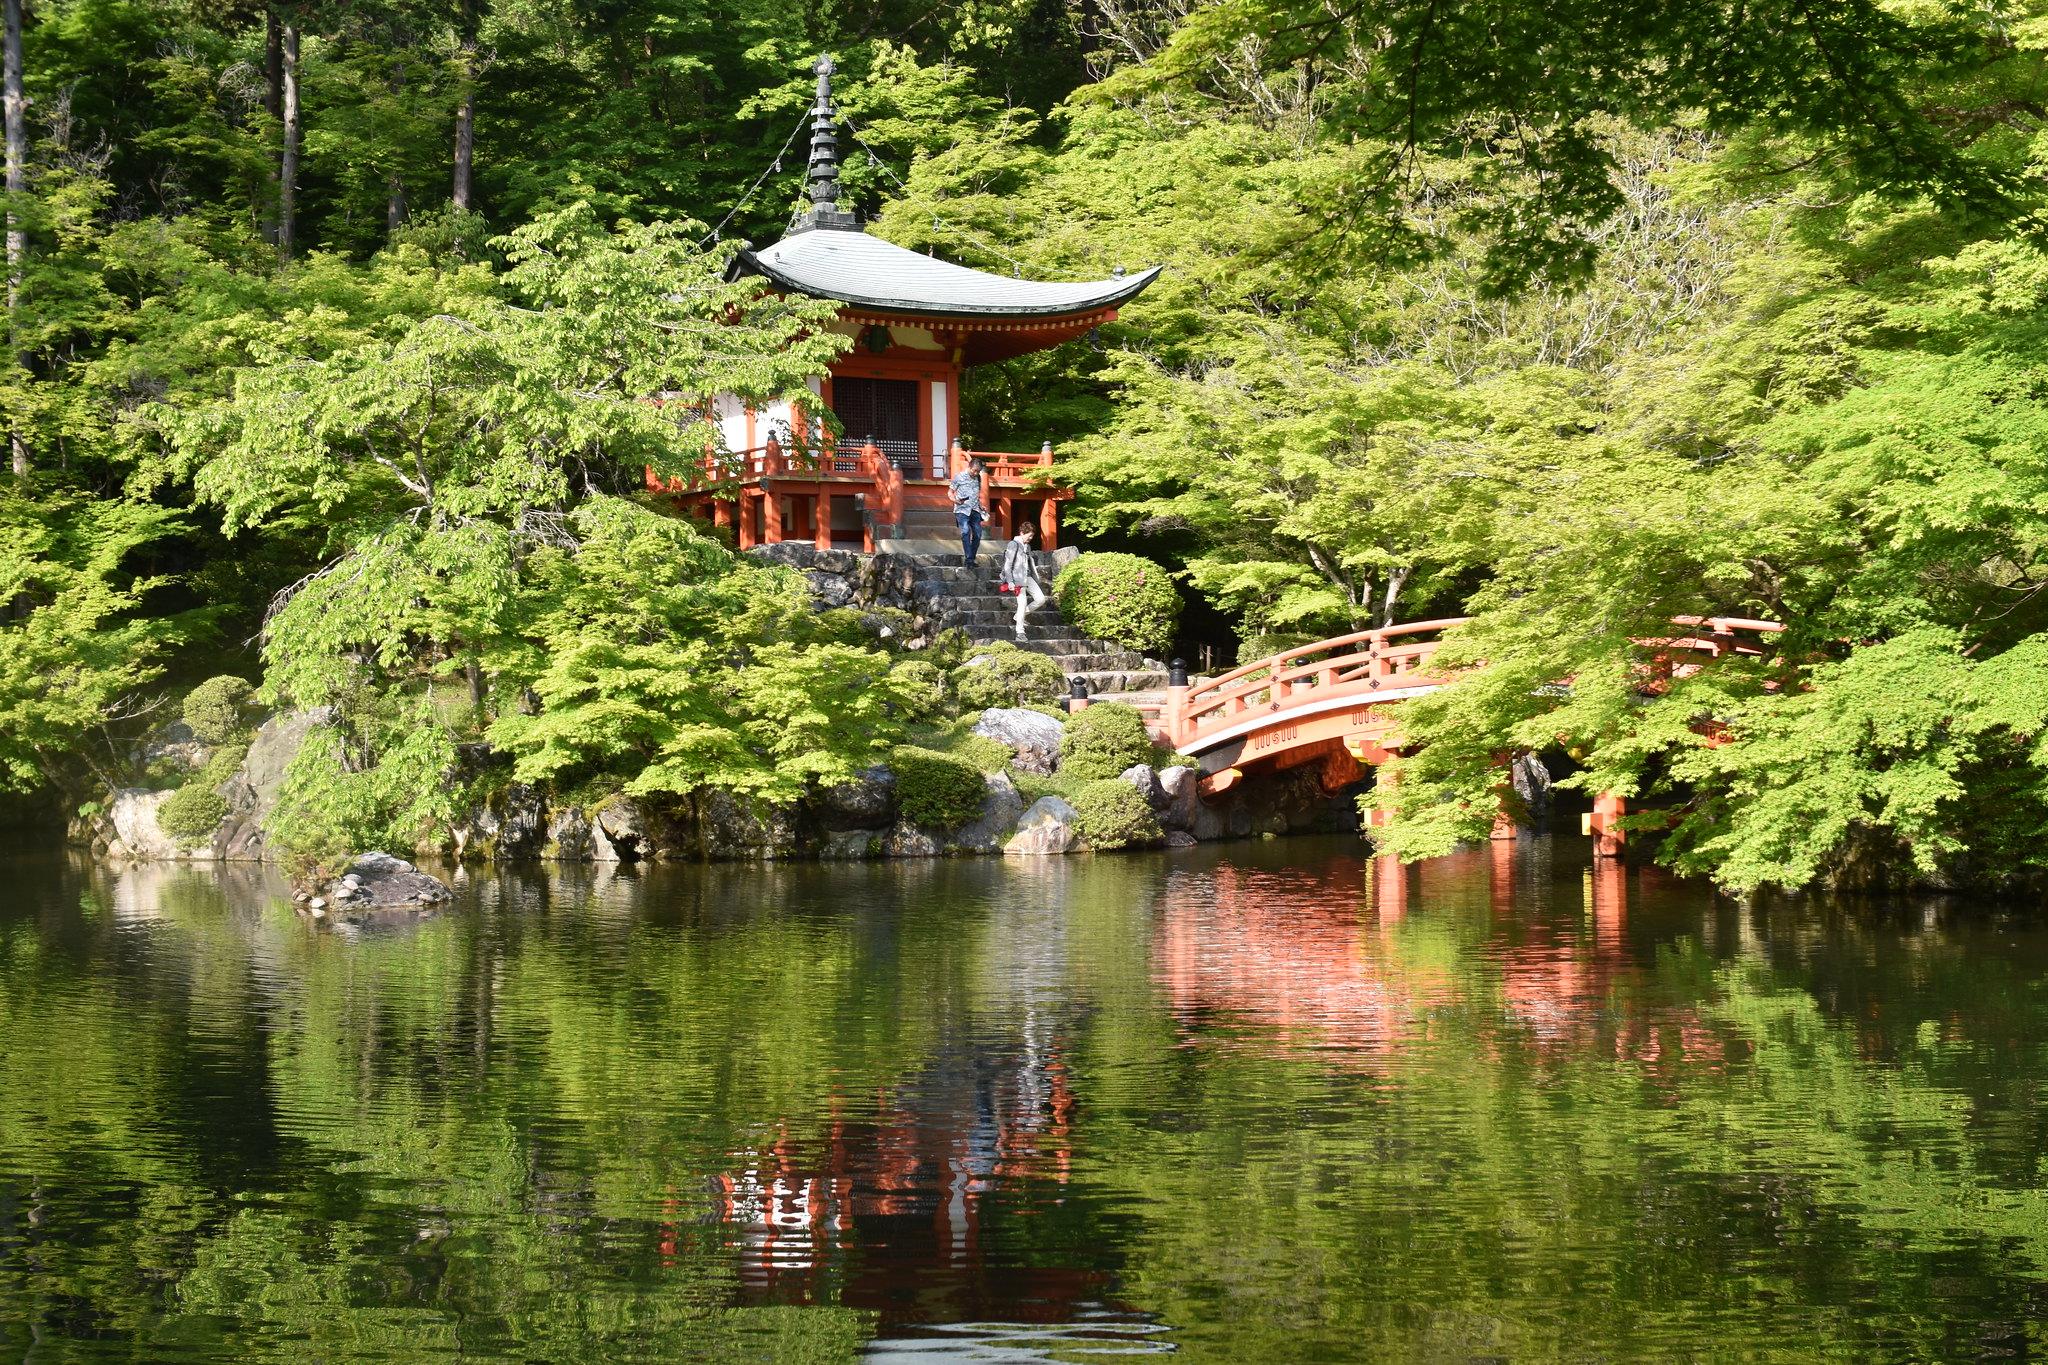 醍醐寺(Daigoji-temple)